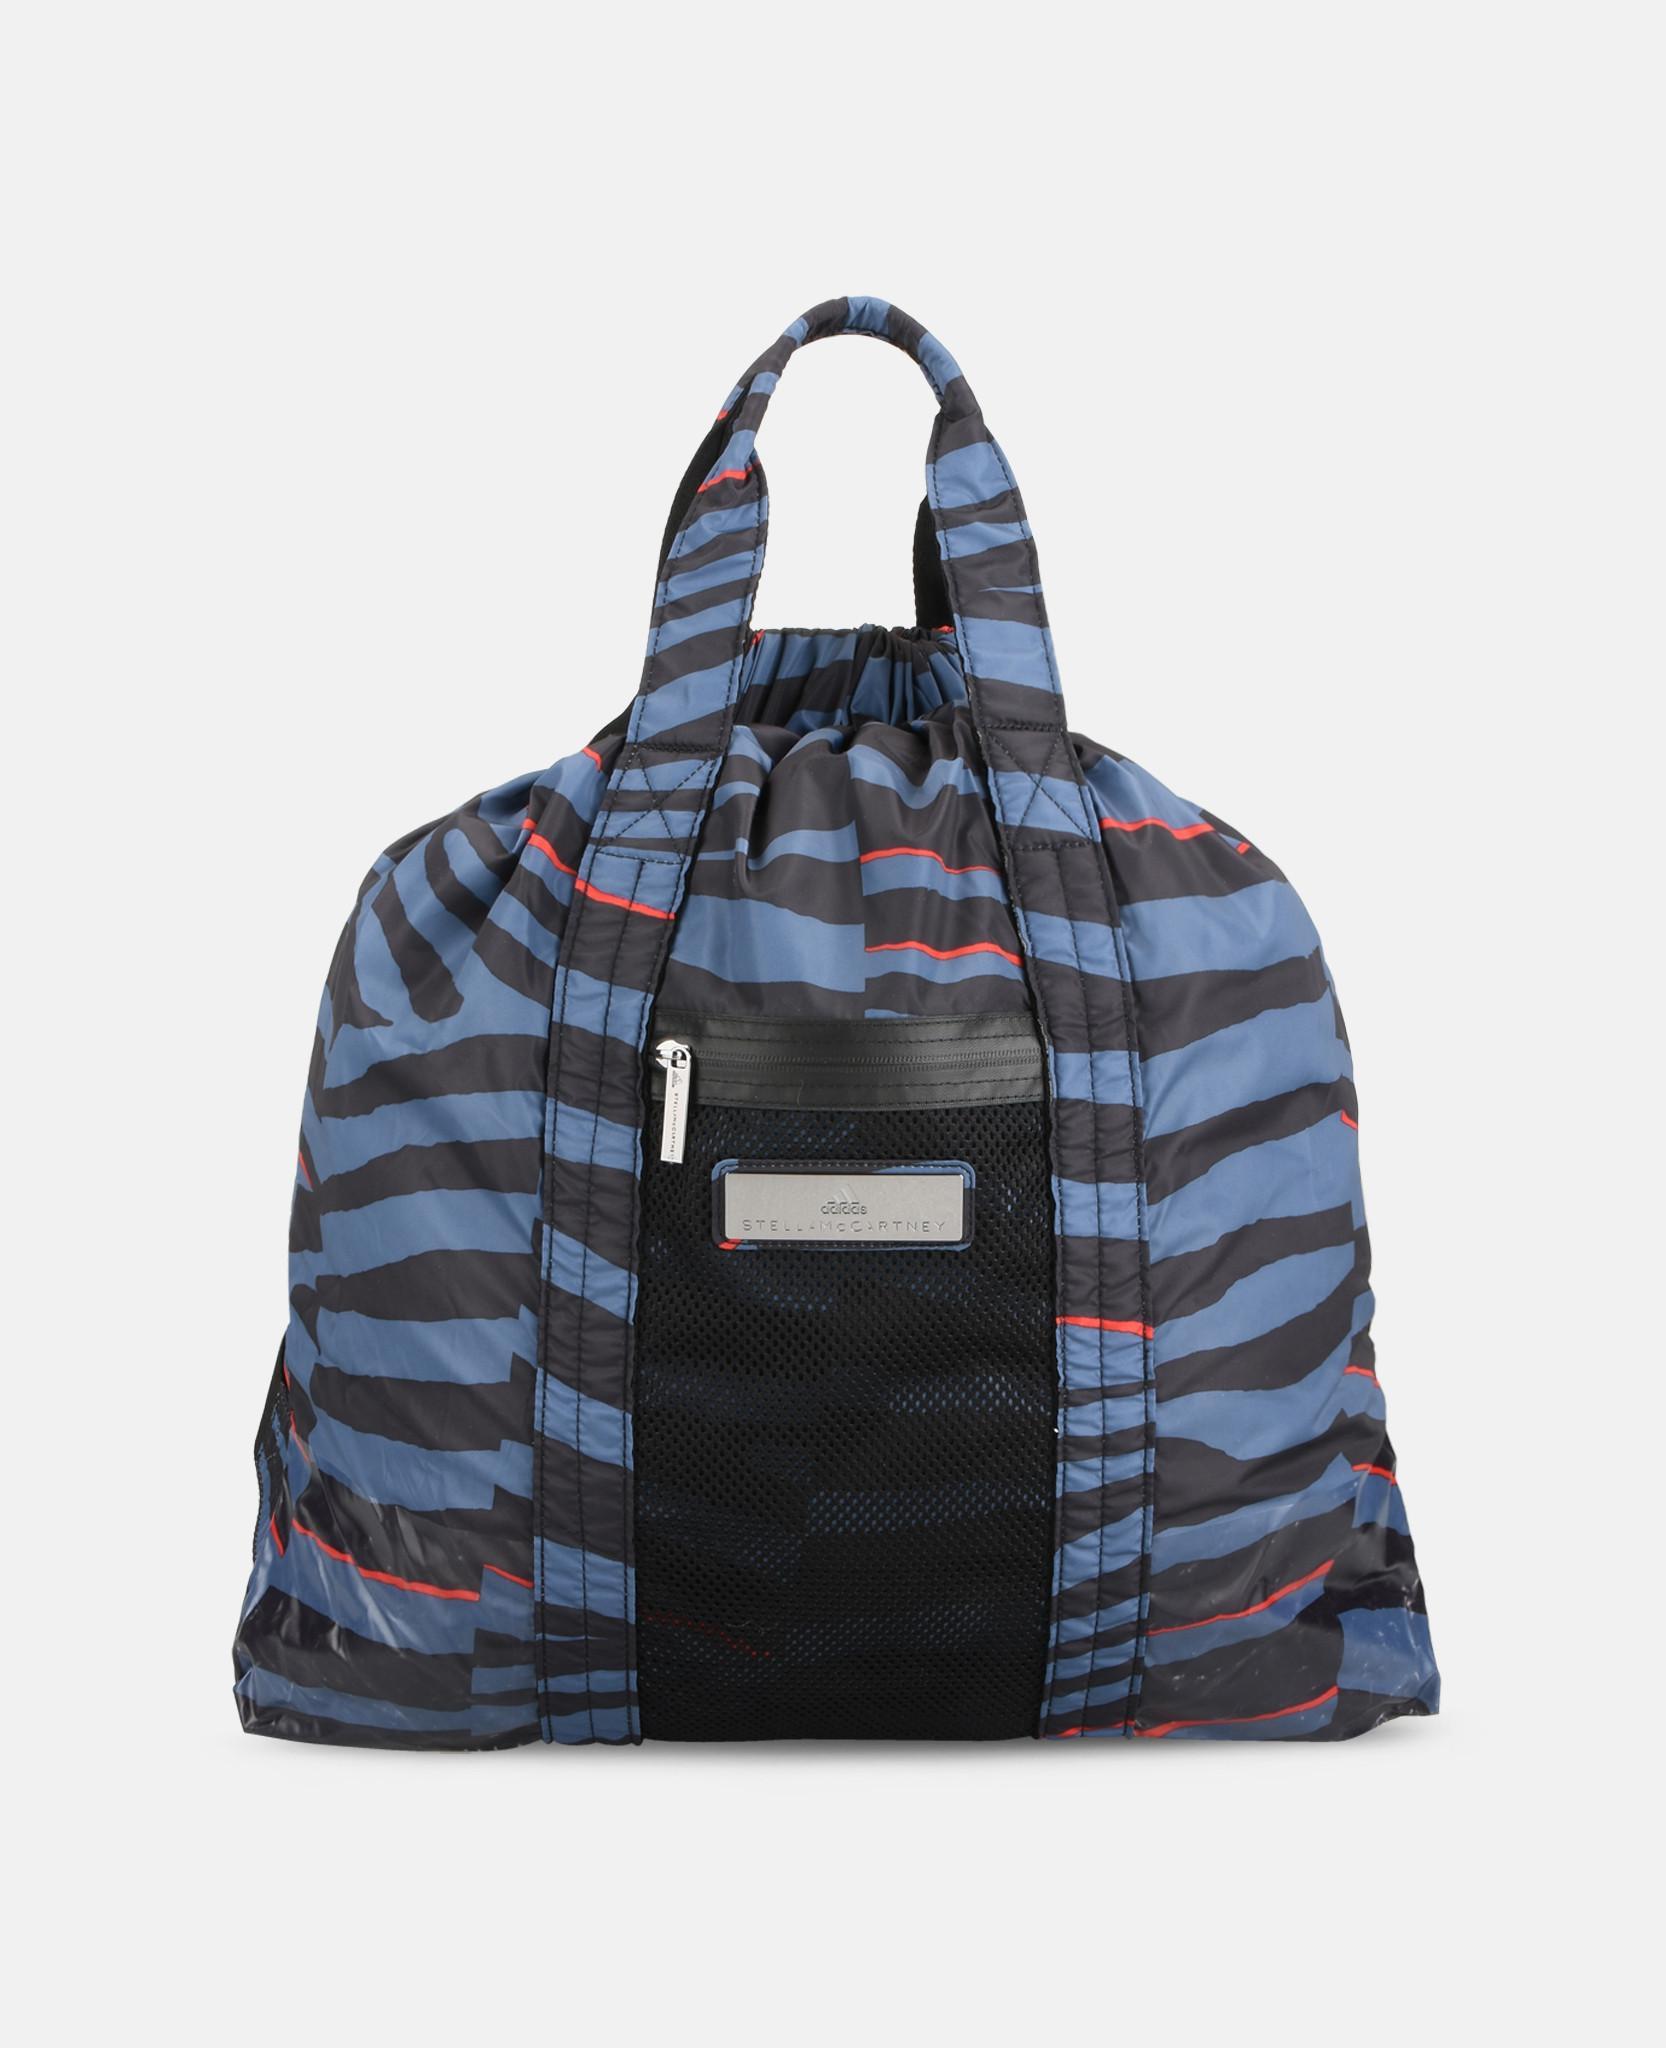 02cfc81a9c adidas By Stella McCartney Gunmetal Gym Bag Multi in Black - Lyst